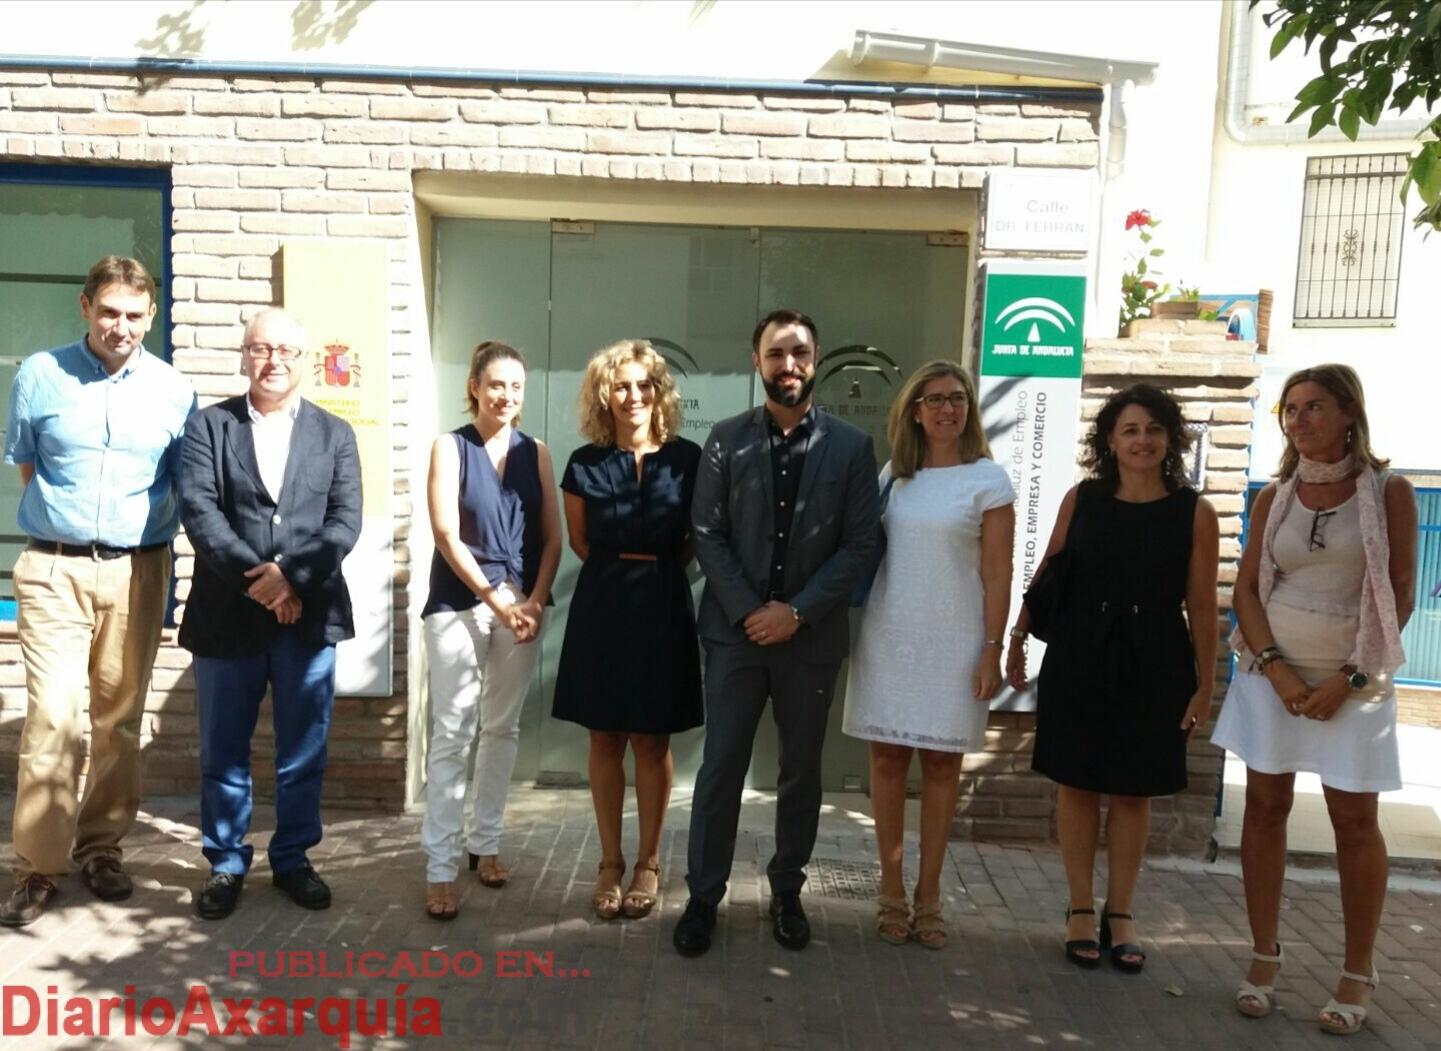 Nerja abre su nueva oficina del sae en la que la junta ha for Oficina sae cordoba